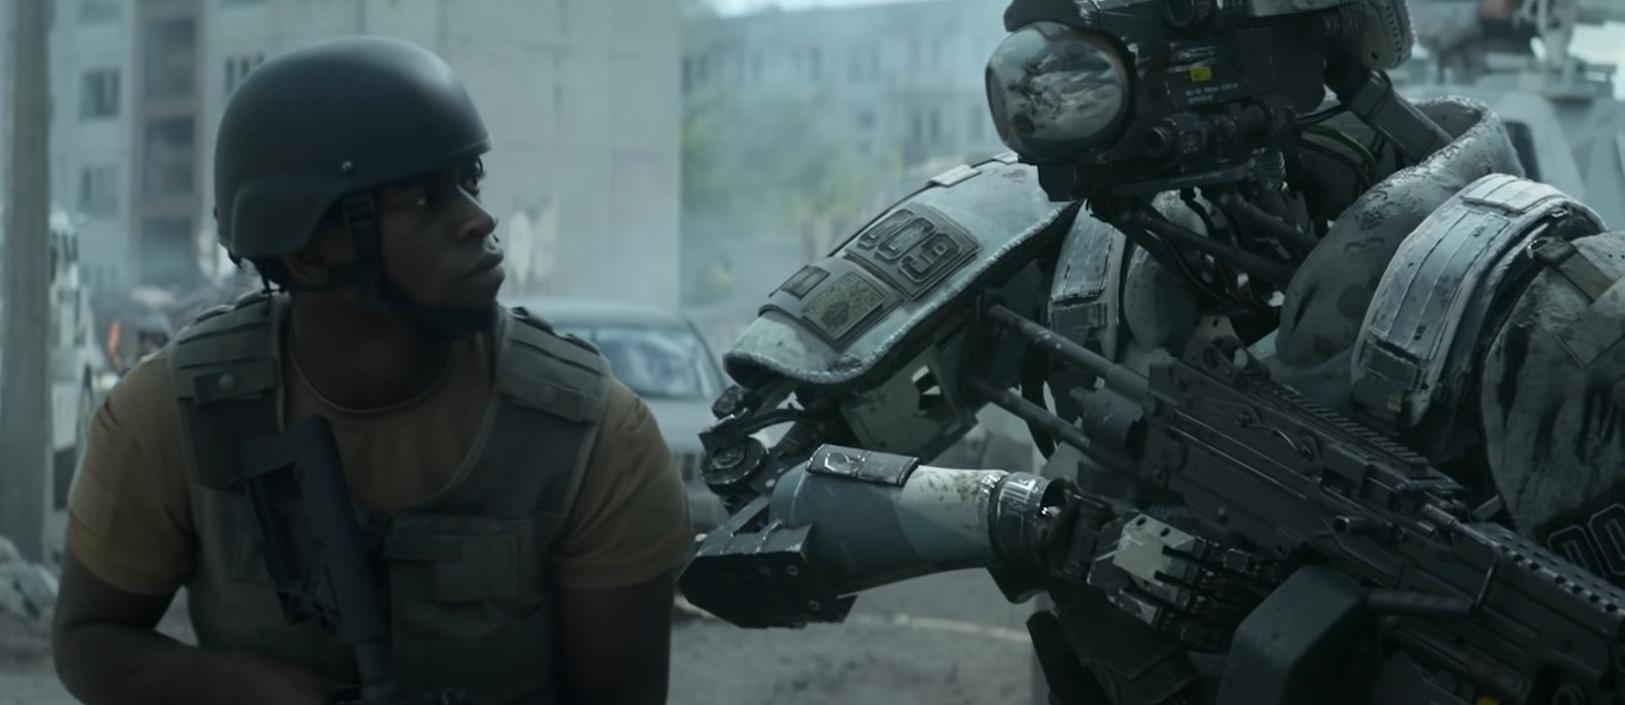 В трейлере «Смертельной зоны» автора «1408» люди и андроиды воюют друг с другом